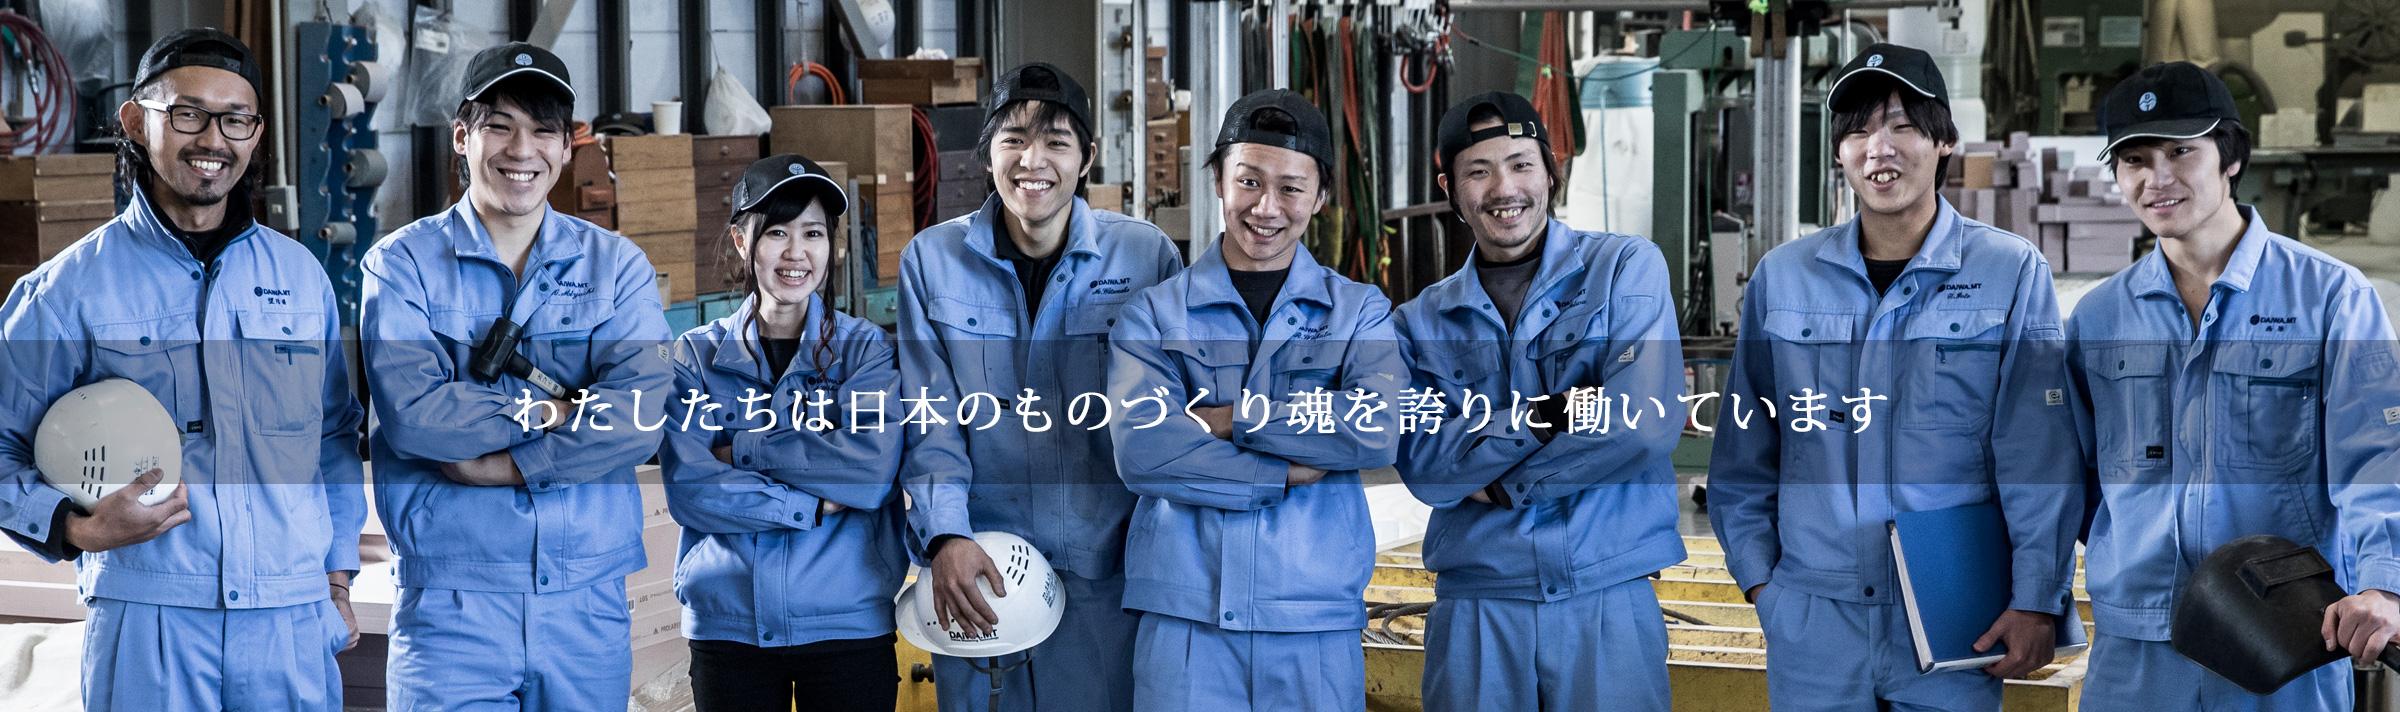 わたしたちは日本のものづくり魂を誇りに働いています